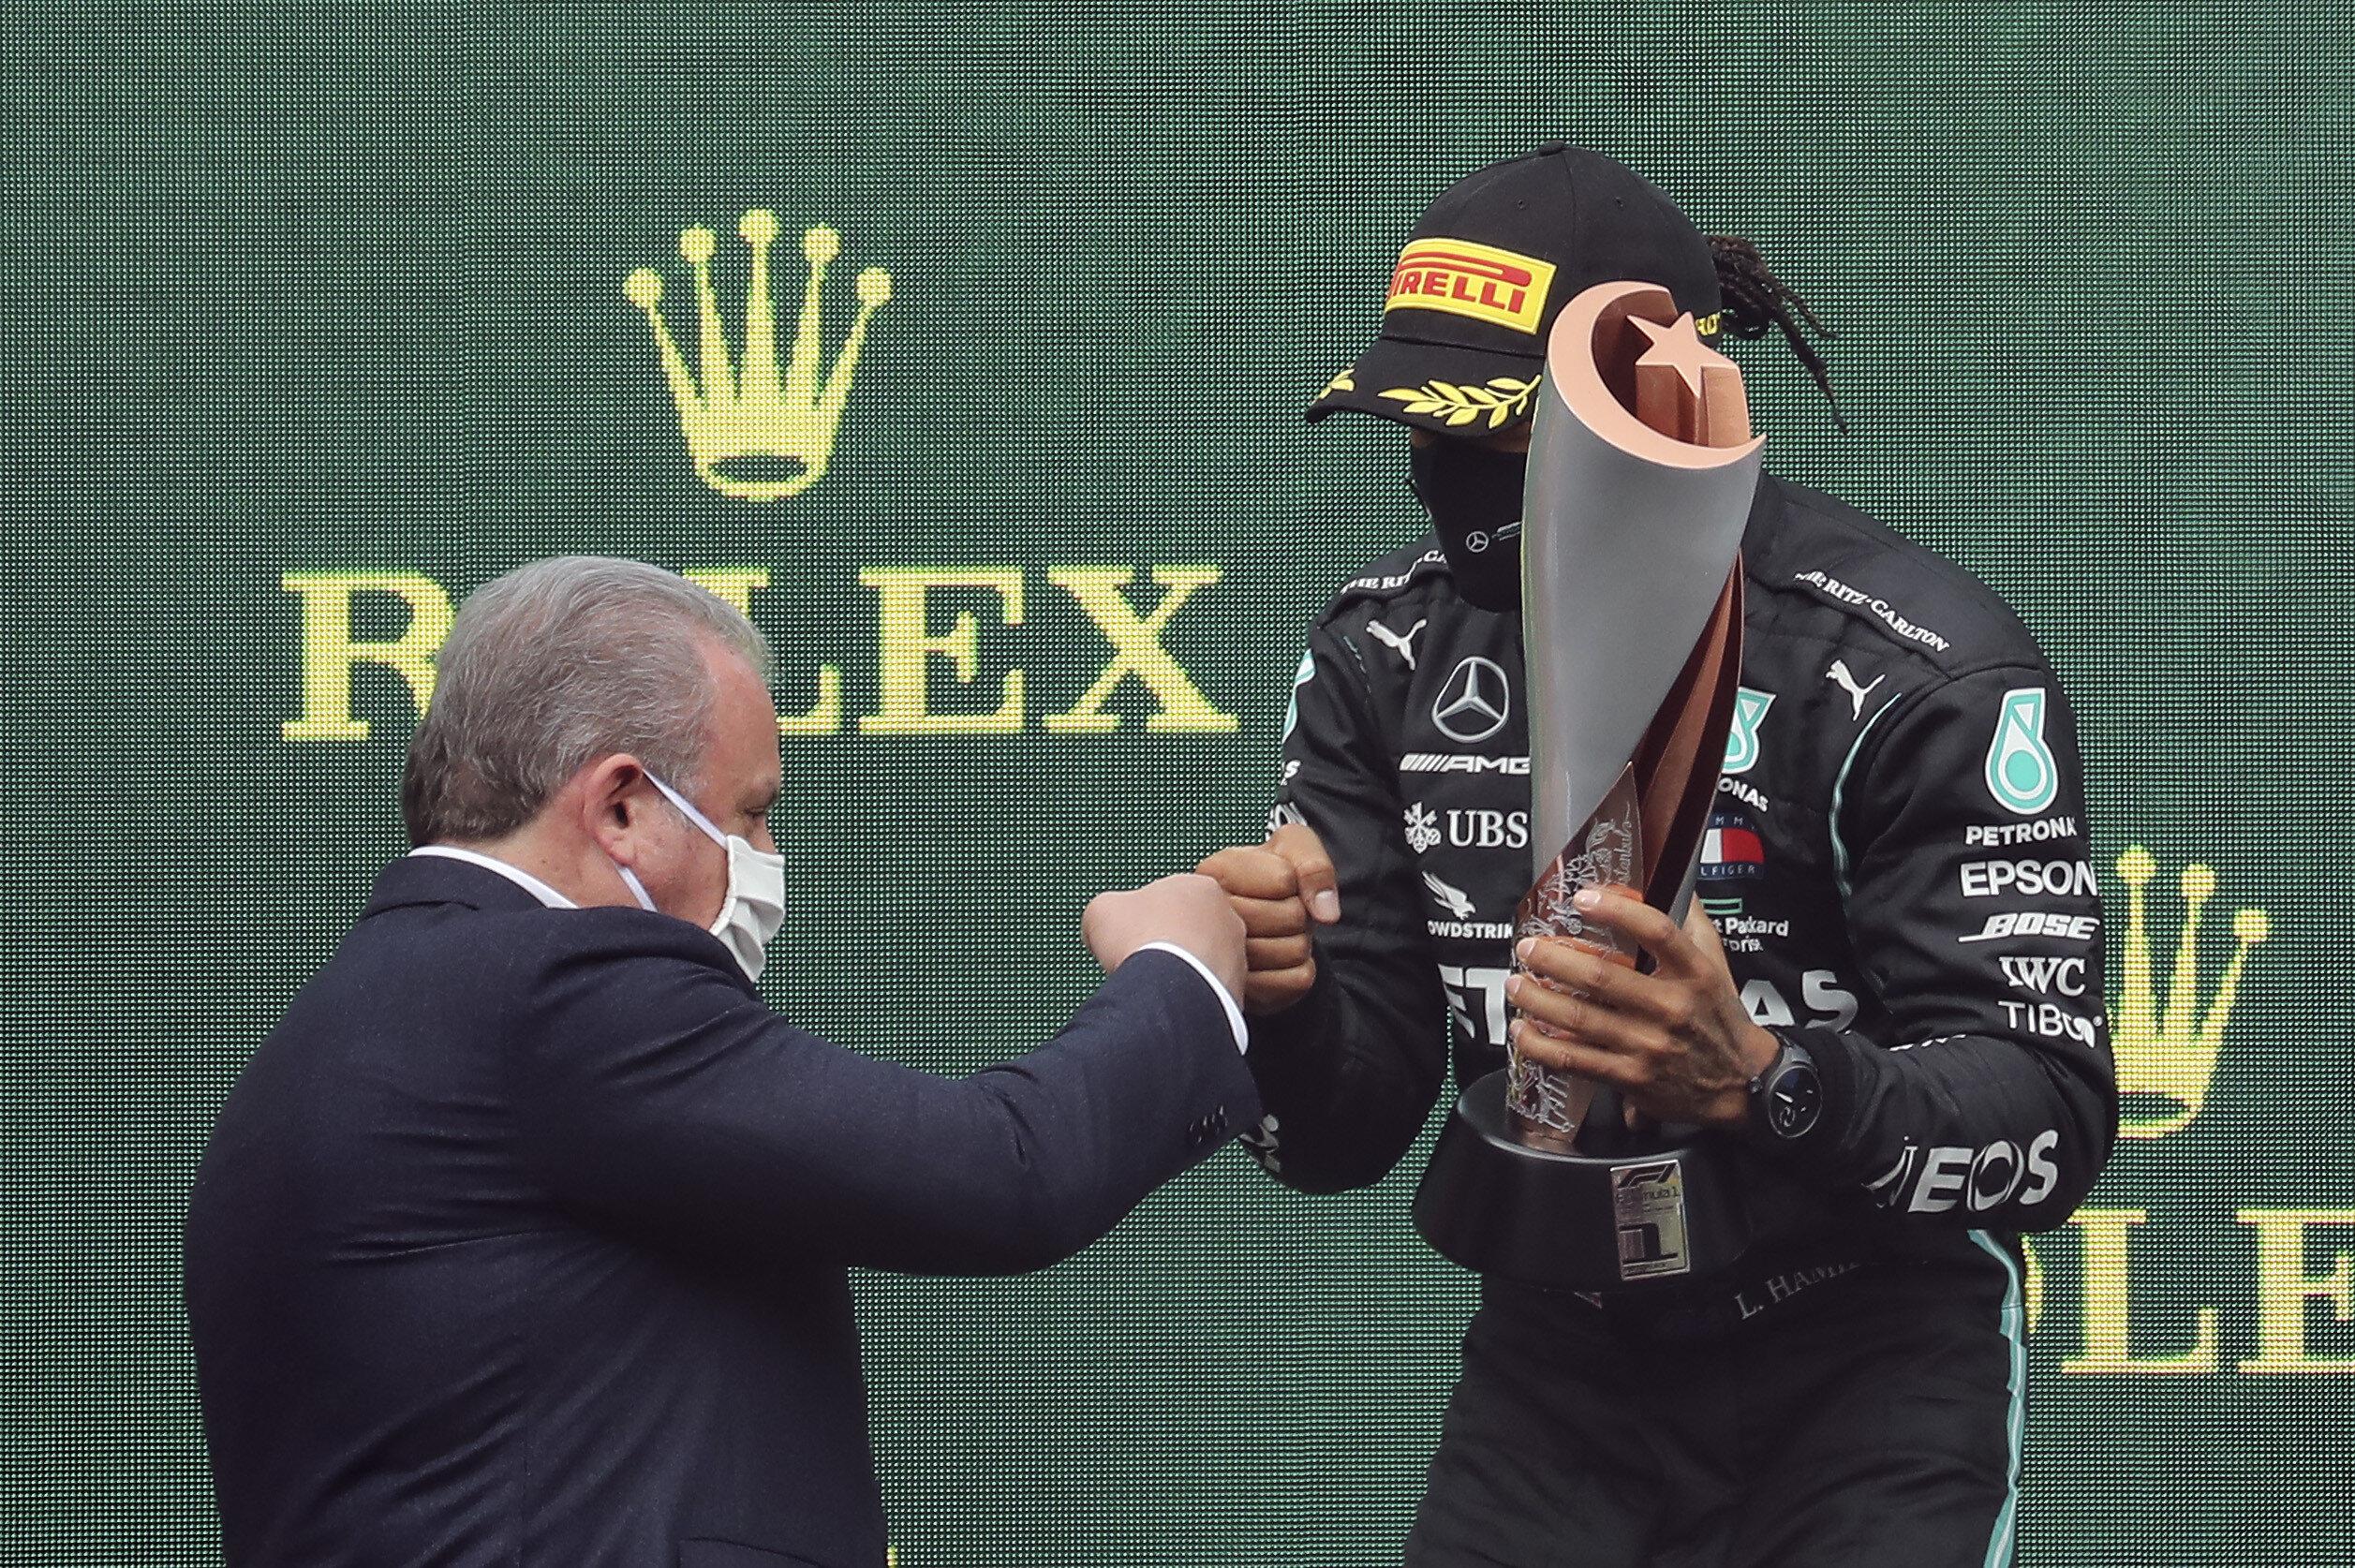 Lewis Hamilton, İstanbul'daki yarış için özel yapılan Ay-Yıldızlı kupanın sahibi oldu.